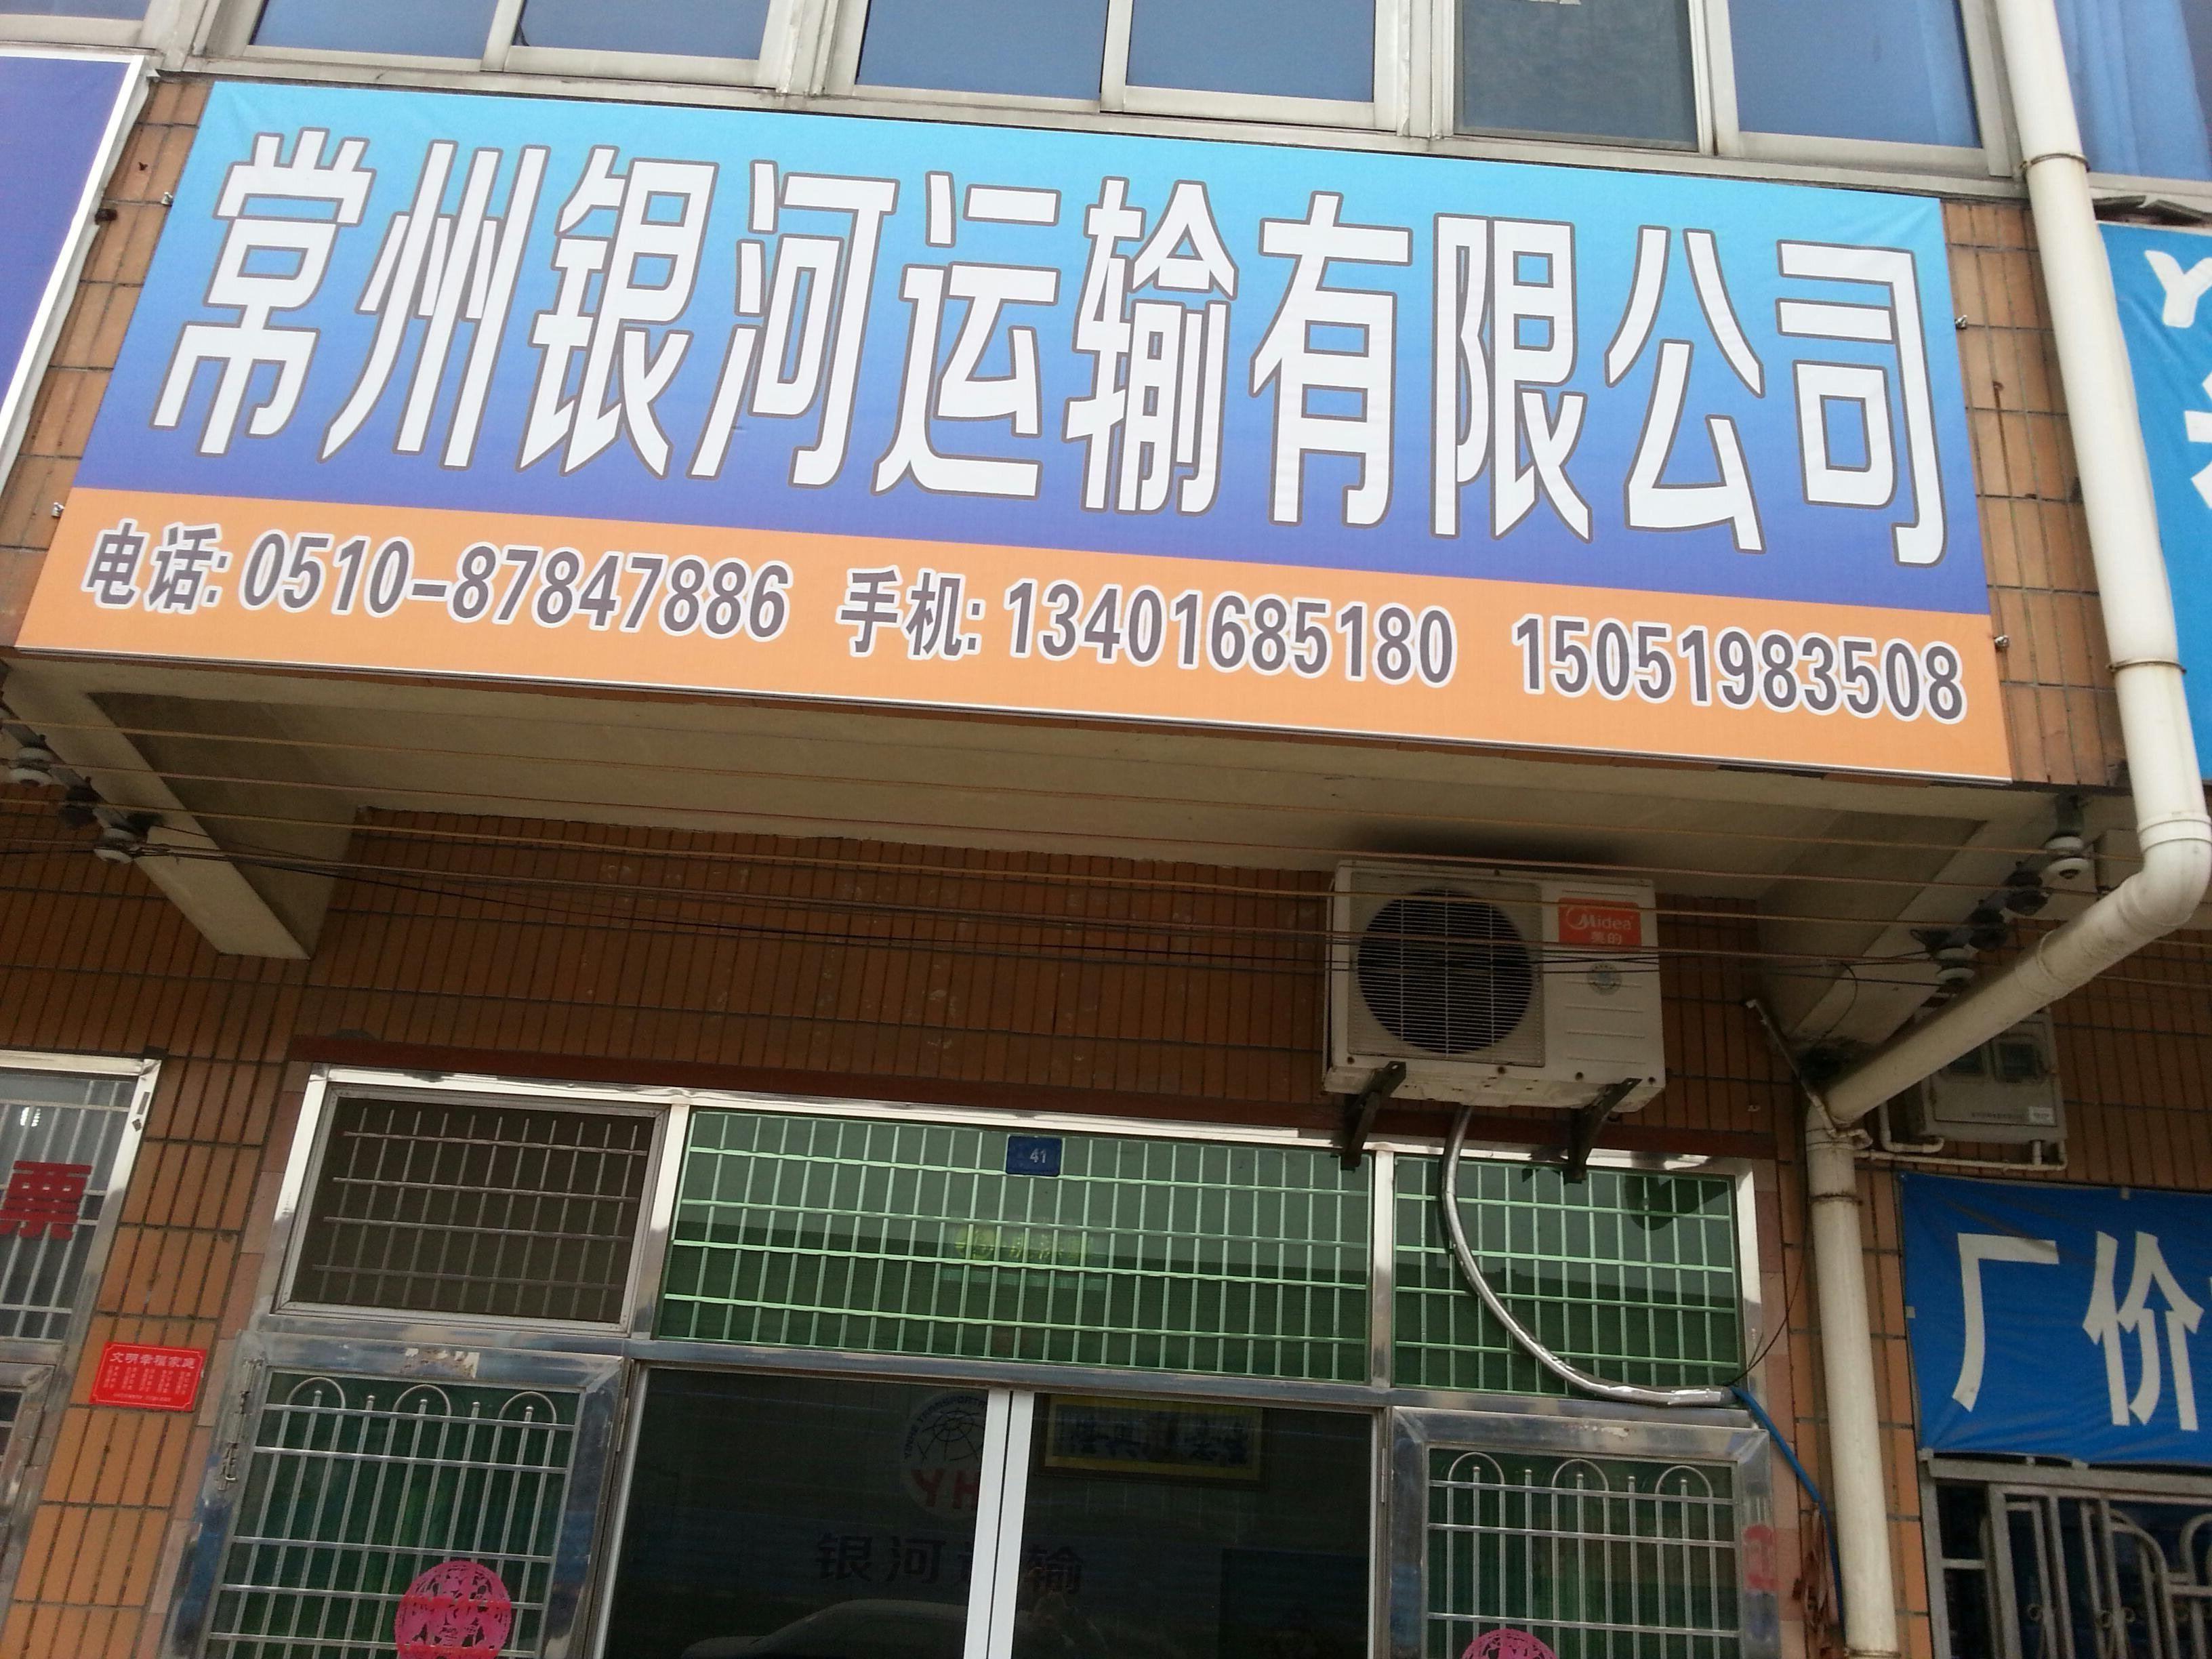 常州到丹东物流专线(江苏银河运输有限公司)